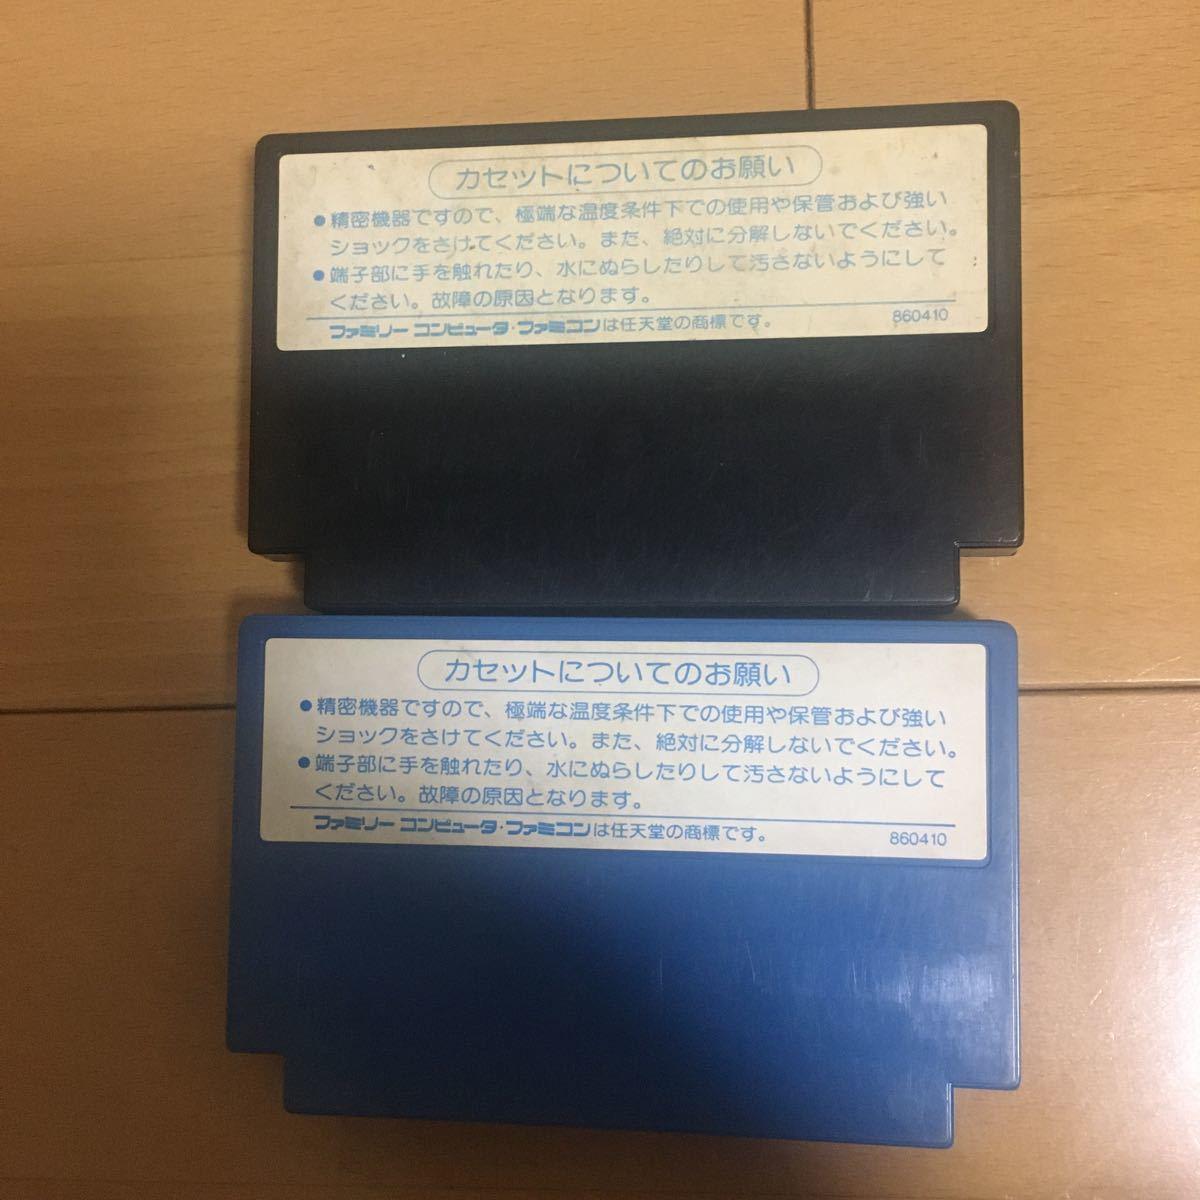 ドラゴンクエスト2 & IKARI 2本セット スーパーファミコン ソフト レトロゲームソフト